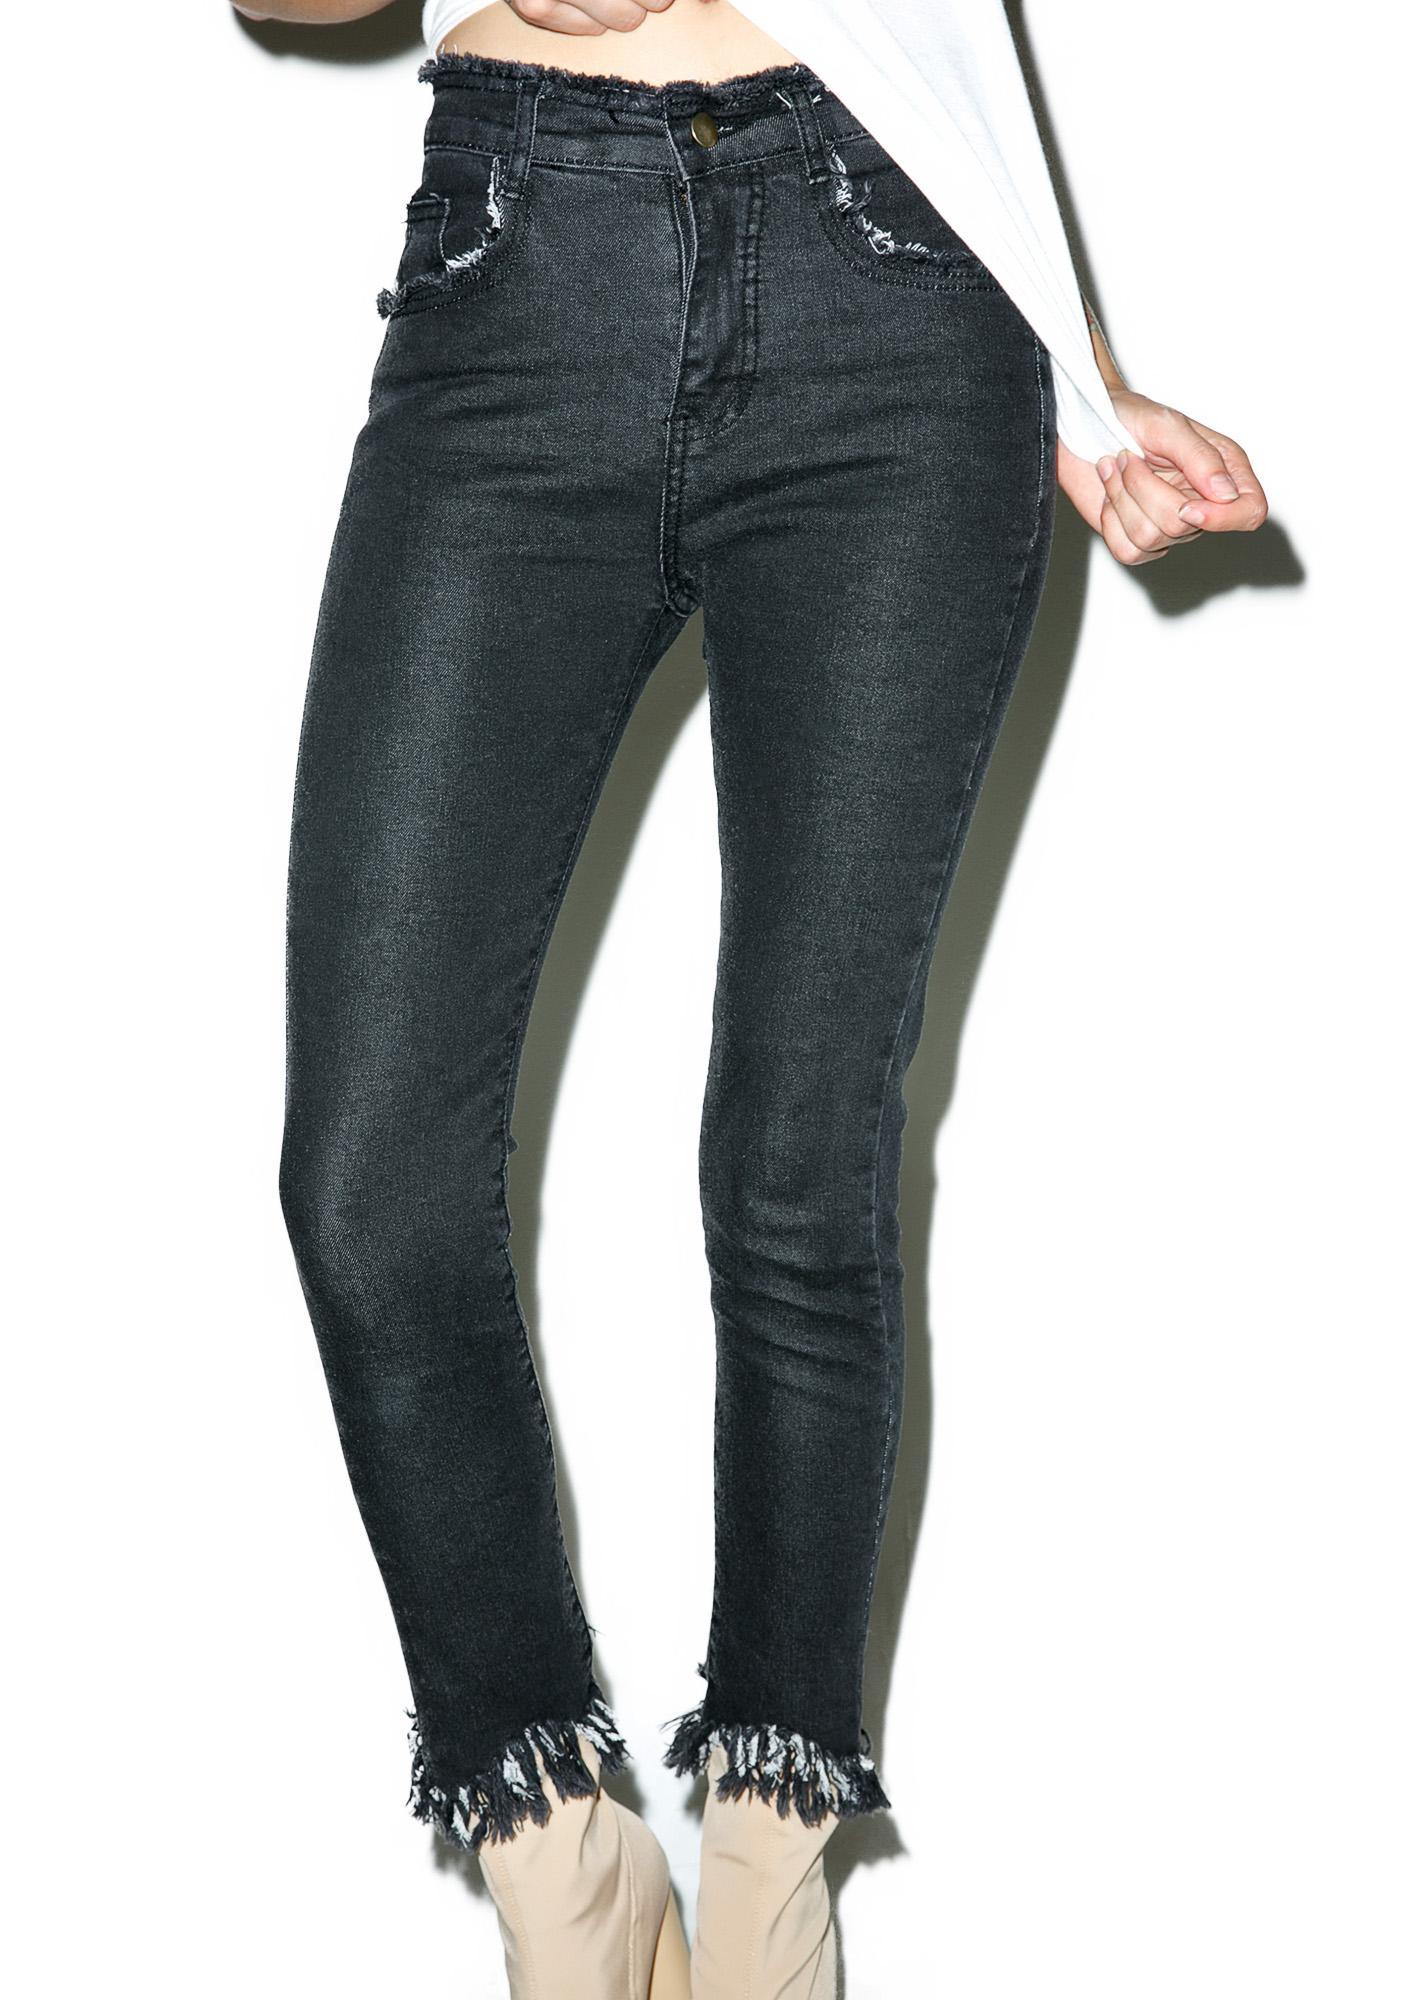 Onyx Rewrite Skinny Jeans